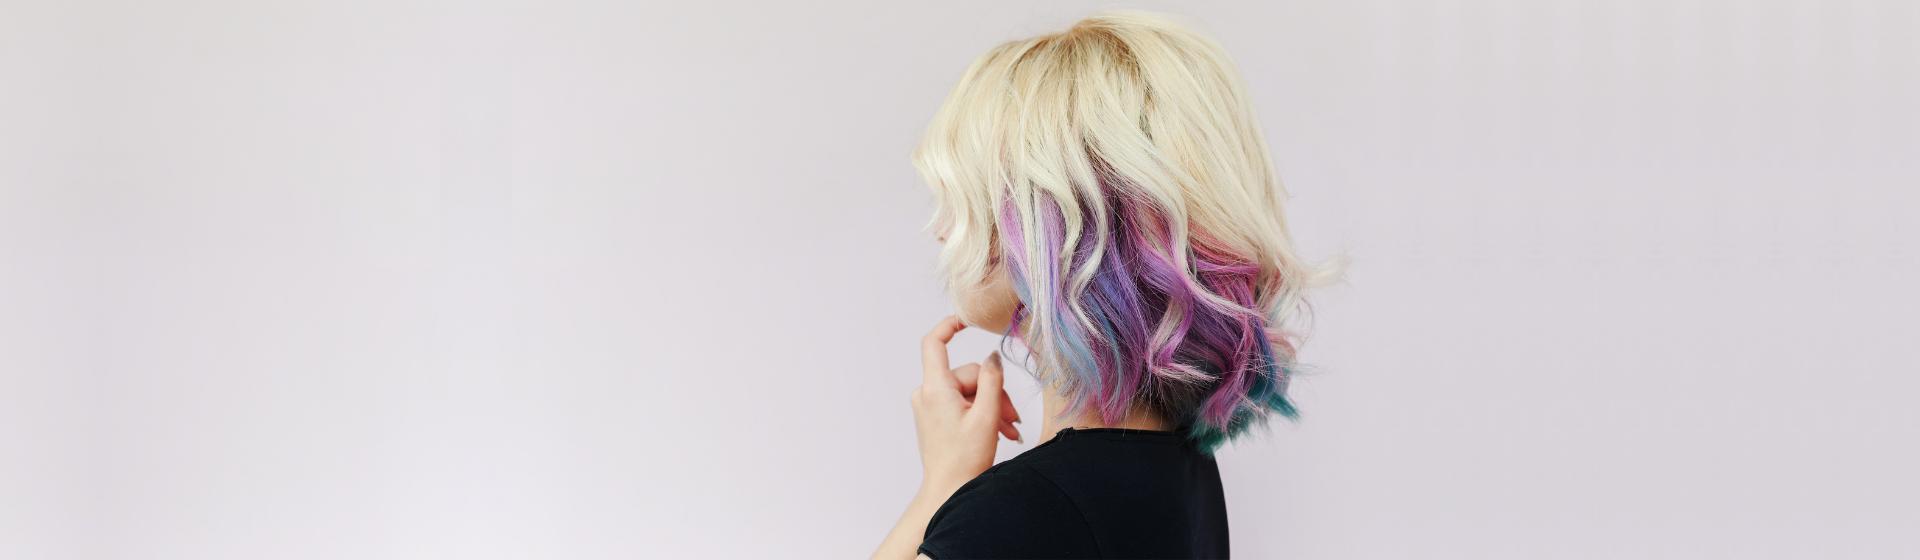 Tinta para cabelo colorido: 5 opções para comprar em 2021